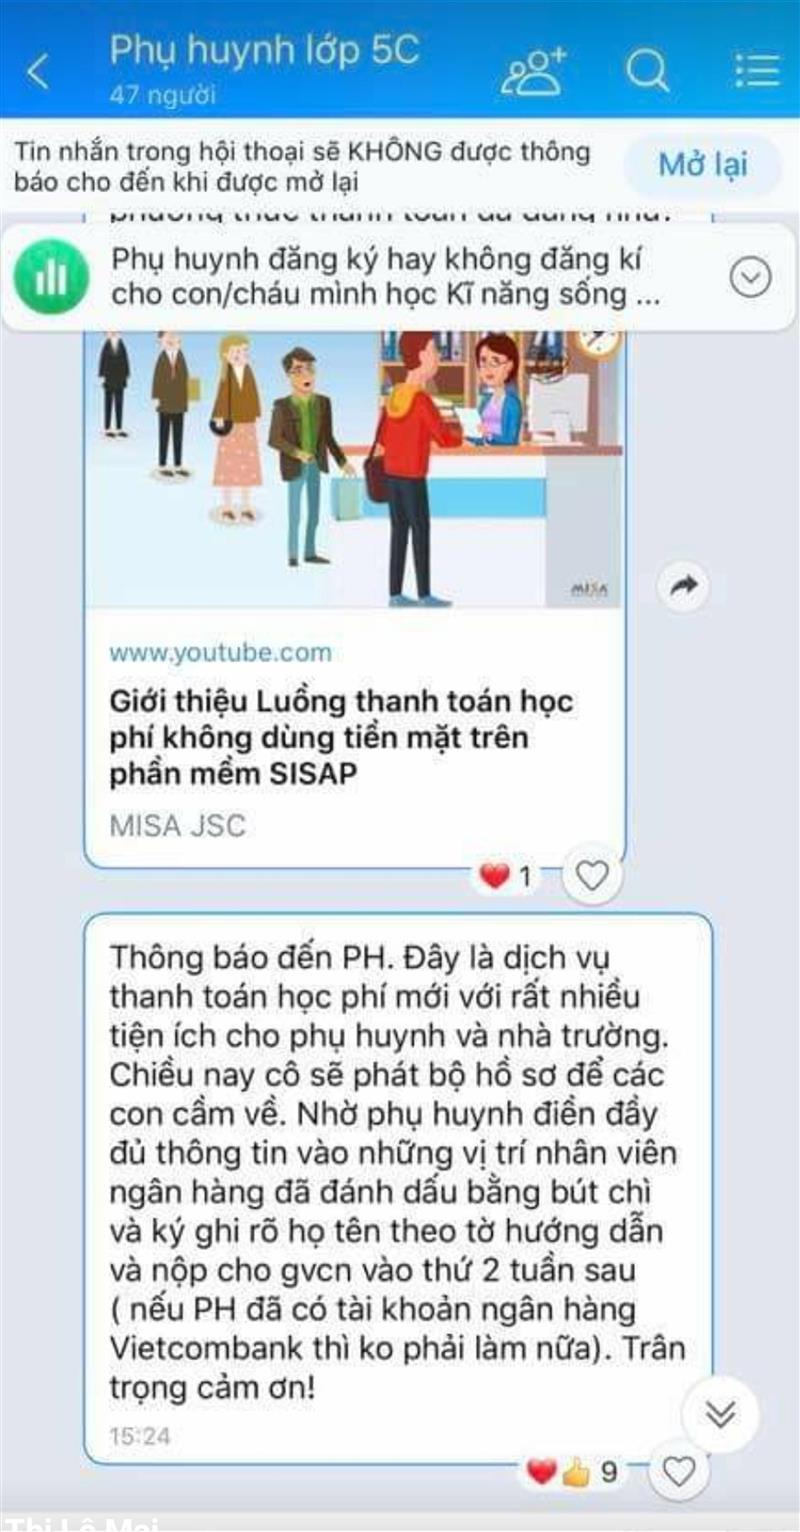 Ngoài tin nhắn, phụ huynh còn được phát hồ sơ mở tài khoản Vietcombank nên được hiểu là áp đặt